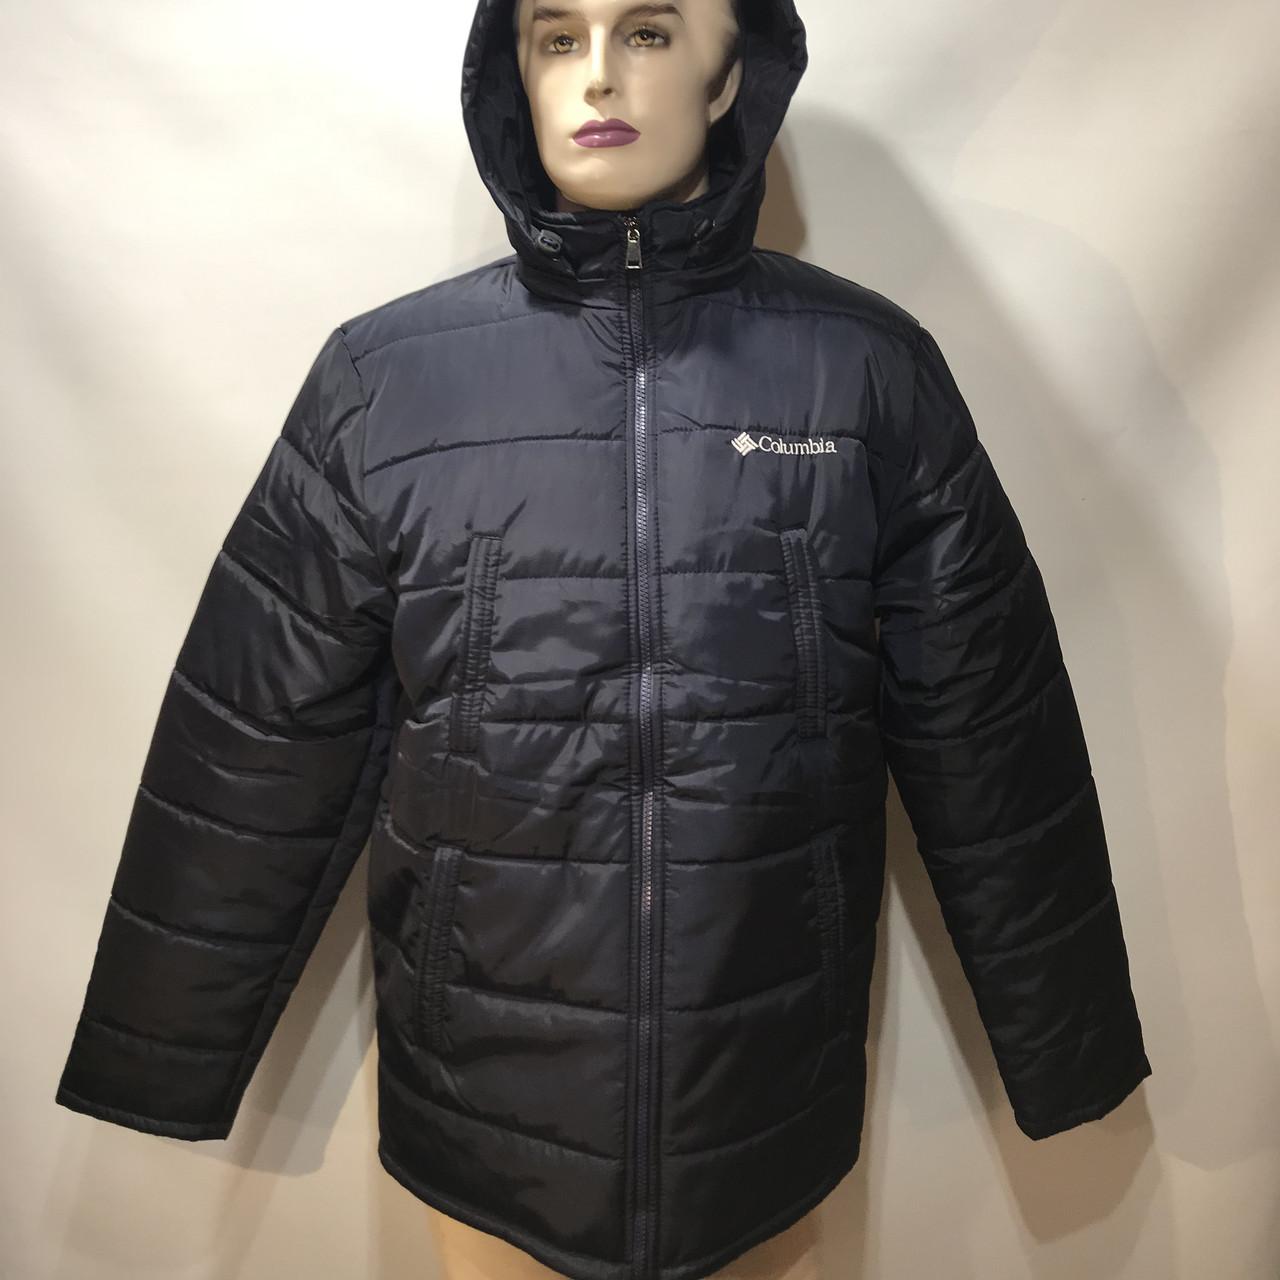 Куртка мужская зимняя в стиле Columbia синтепон + кашемир